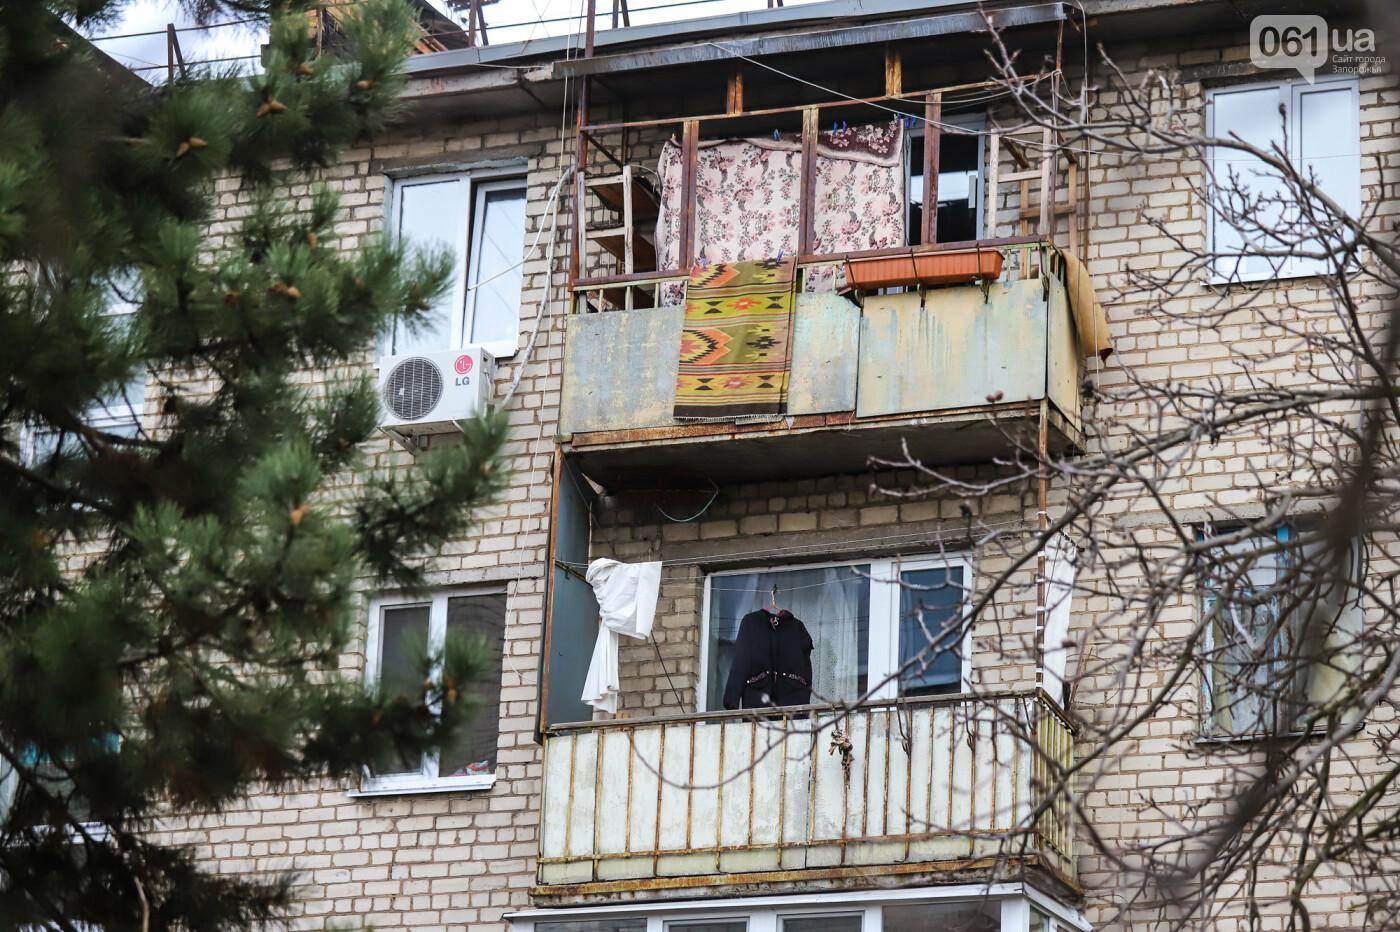 «В плену у заповедника»: как на Хортице живут люди без права на приватизацию жилья, - ФОТОРЕПОРТАЖ , фото-26